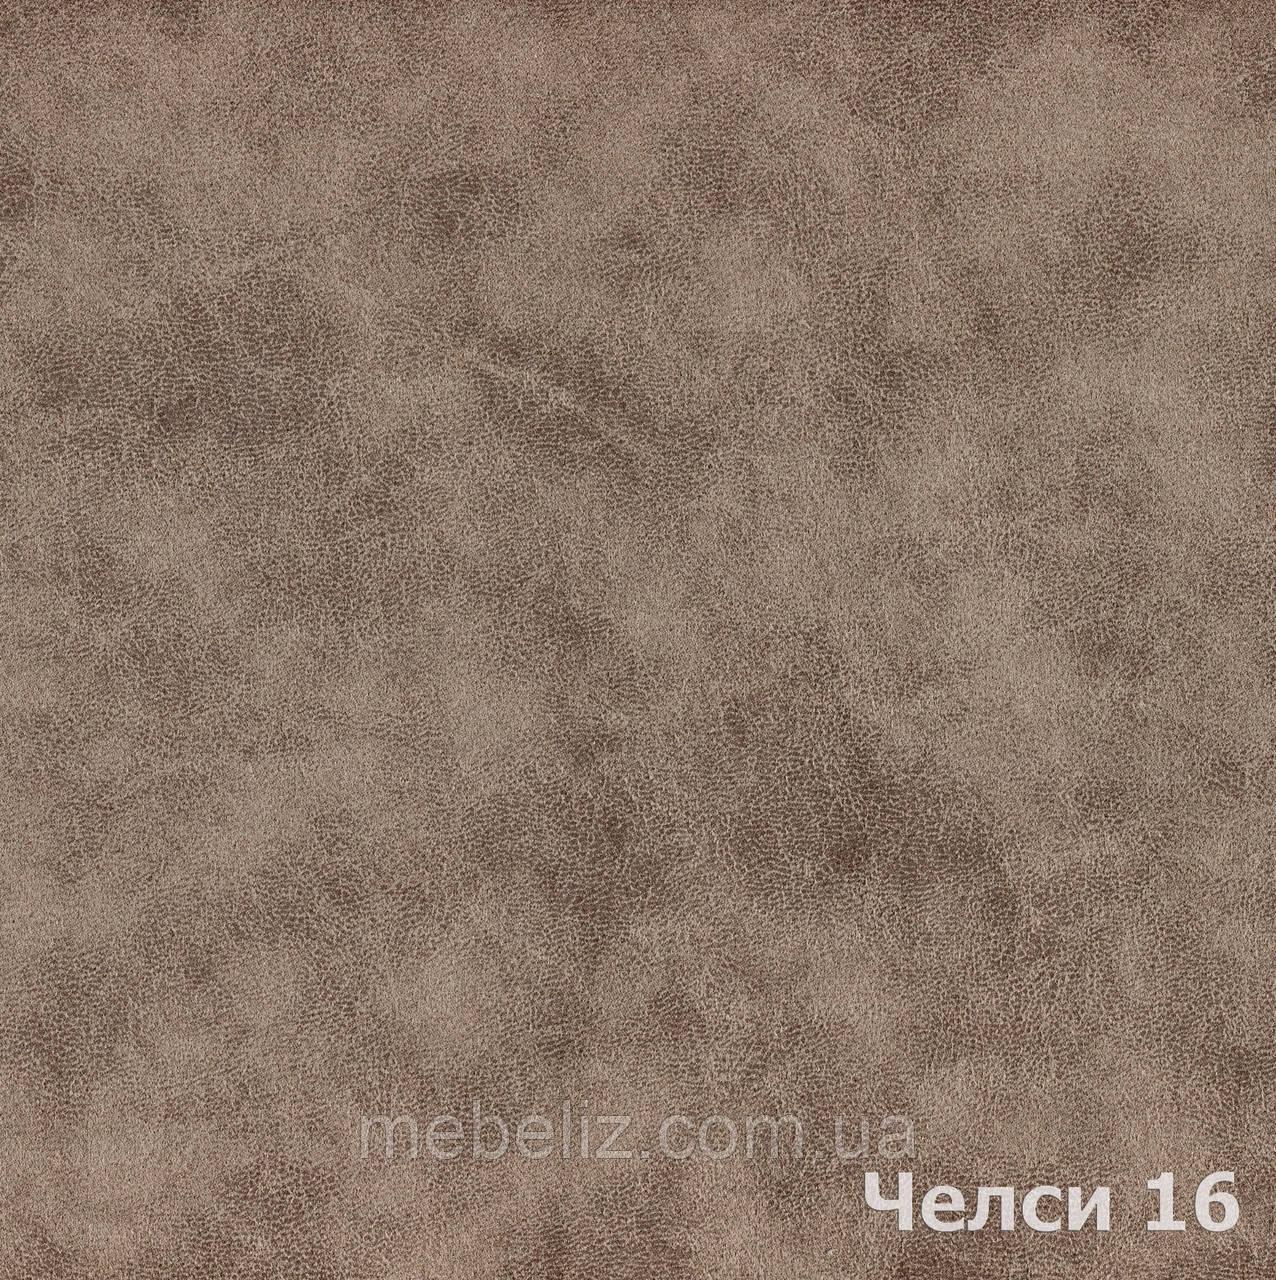 Ткань мебельная обивочная Челси 16